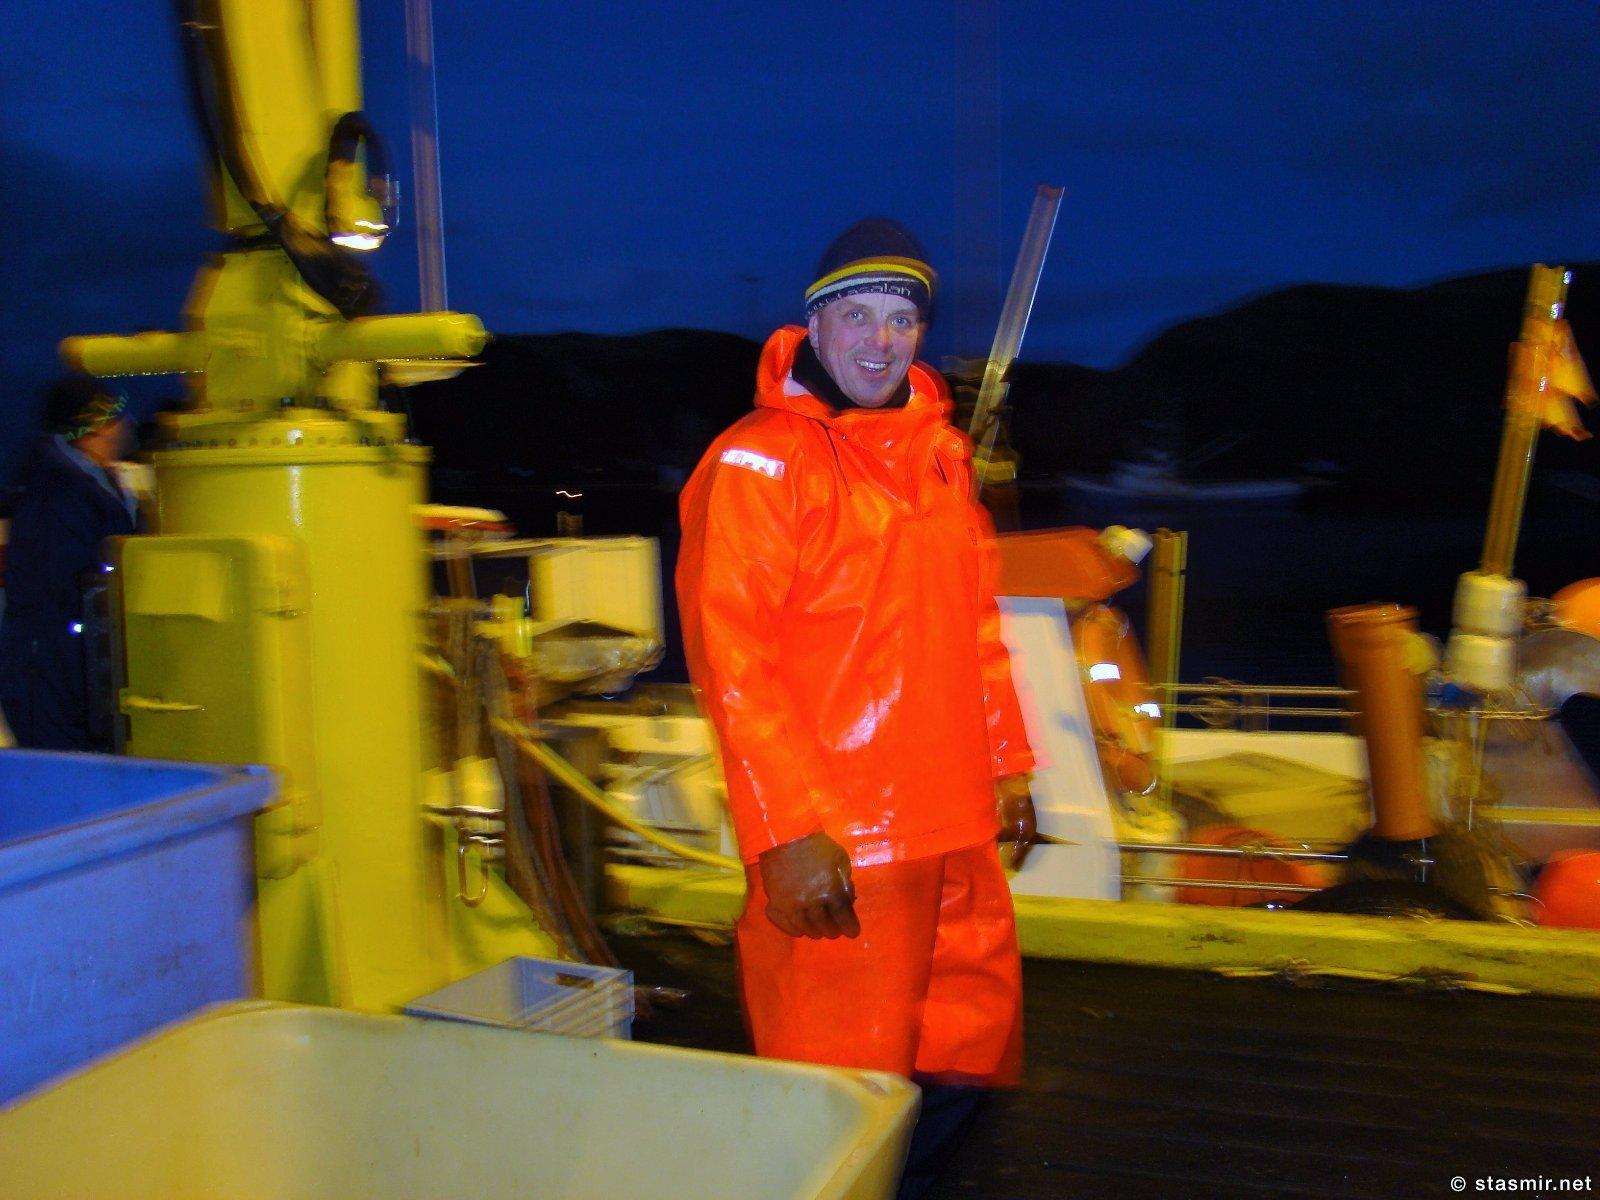 Неизвестный веселый рыбак в Западной Исландии, фото Стасмир, Photo Stasmir